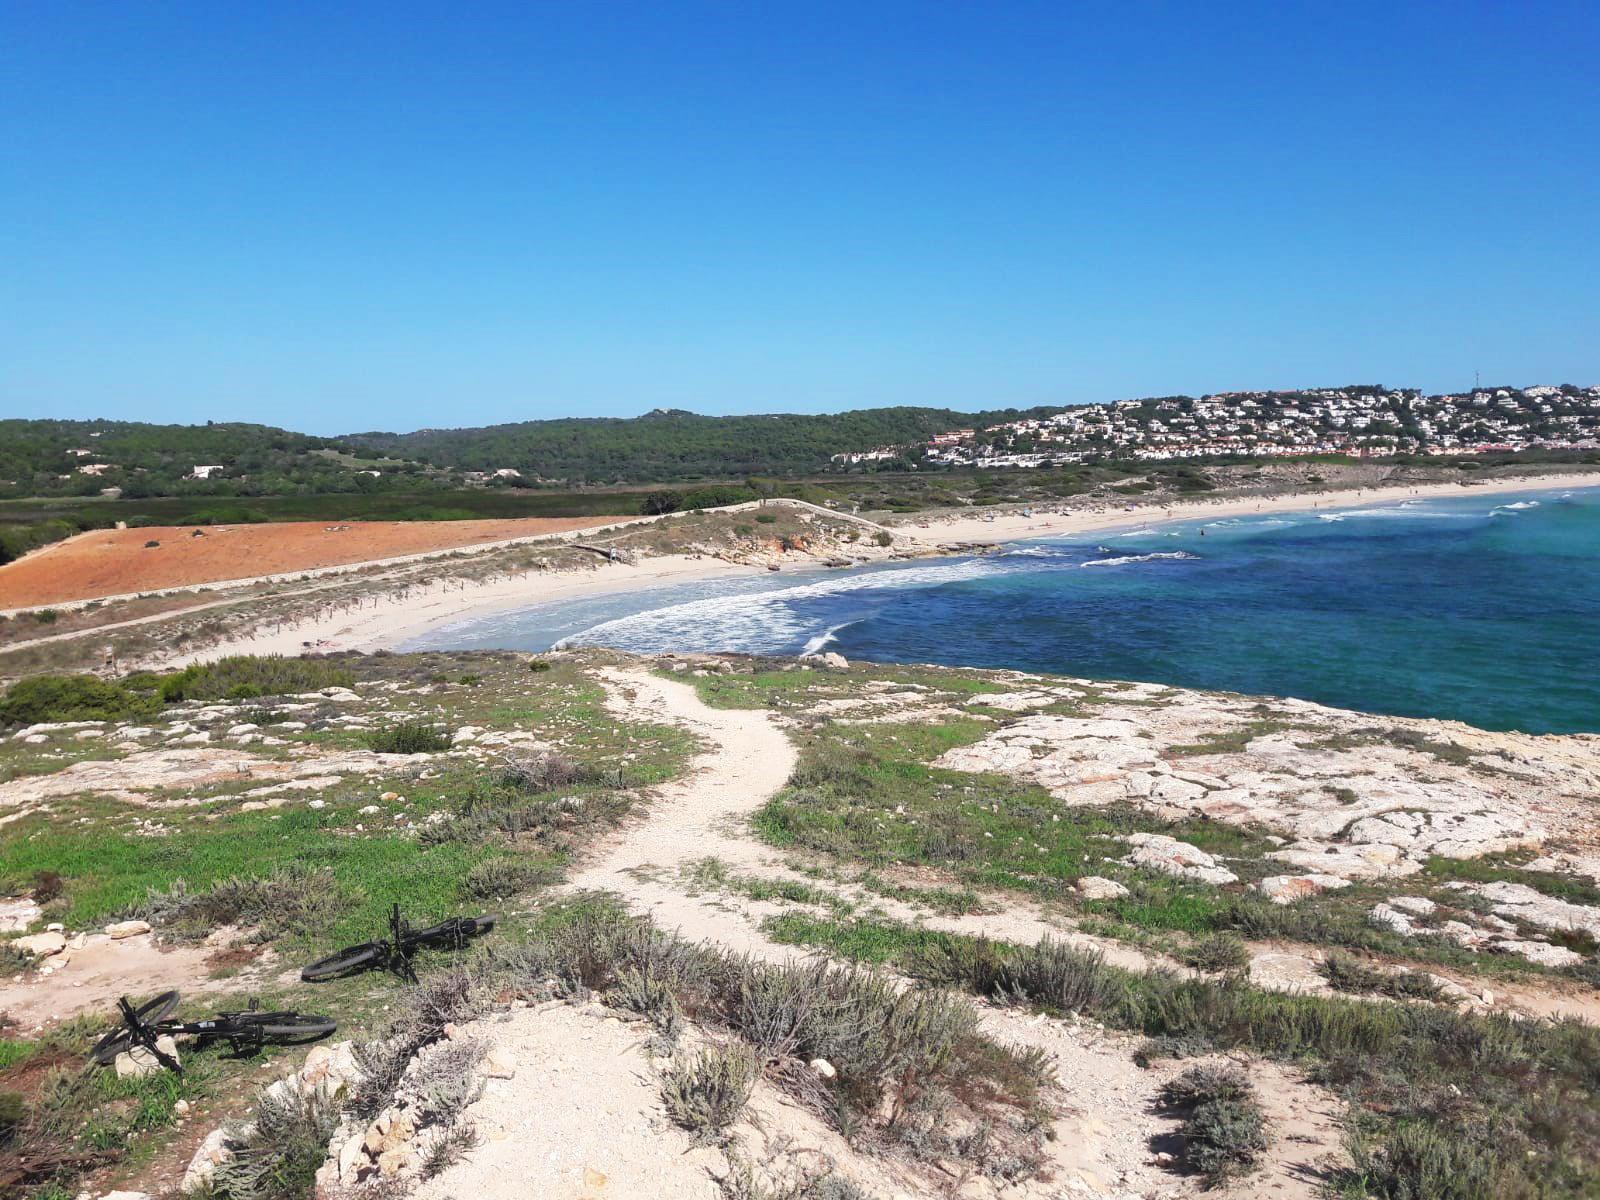 South coast views in Menorca